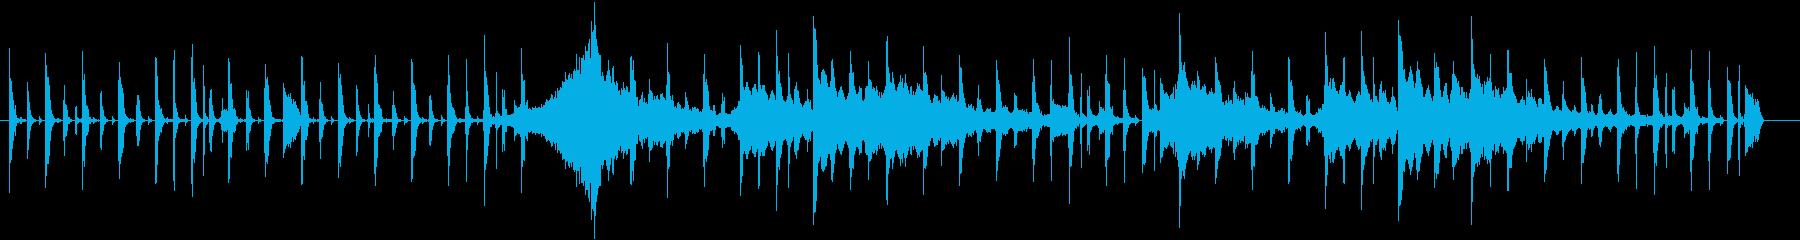 【生演奏エレキ】カフェや放送BGMとしての再生済みの波形